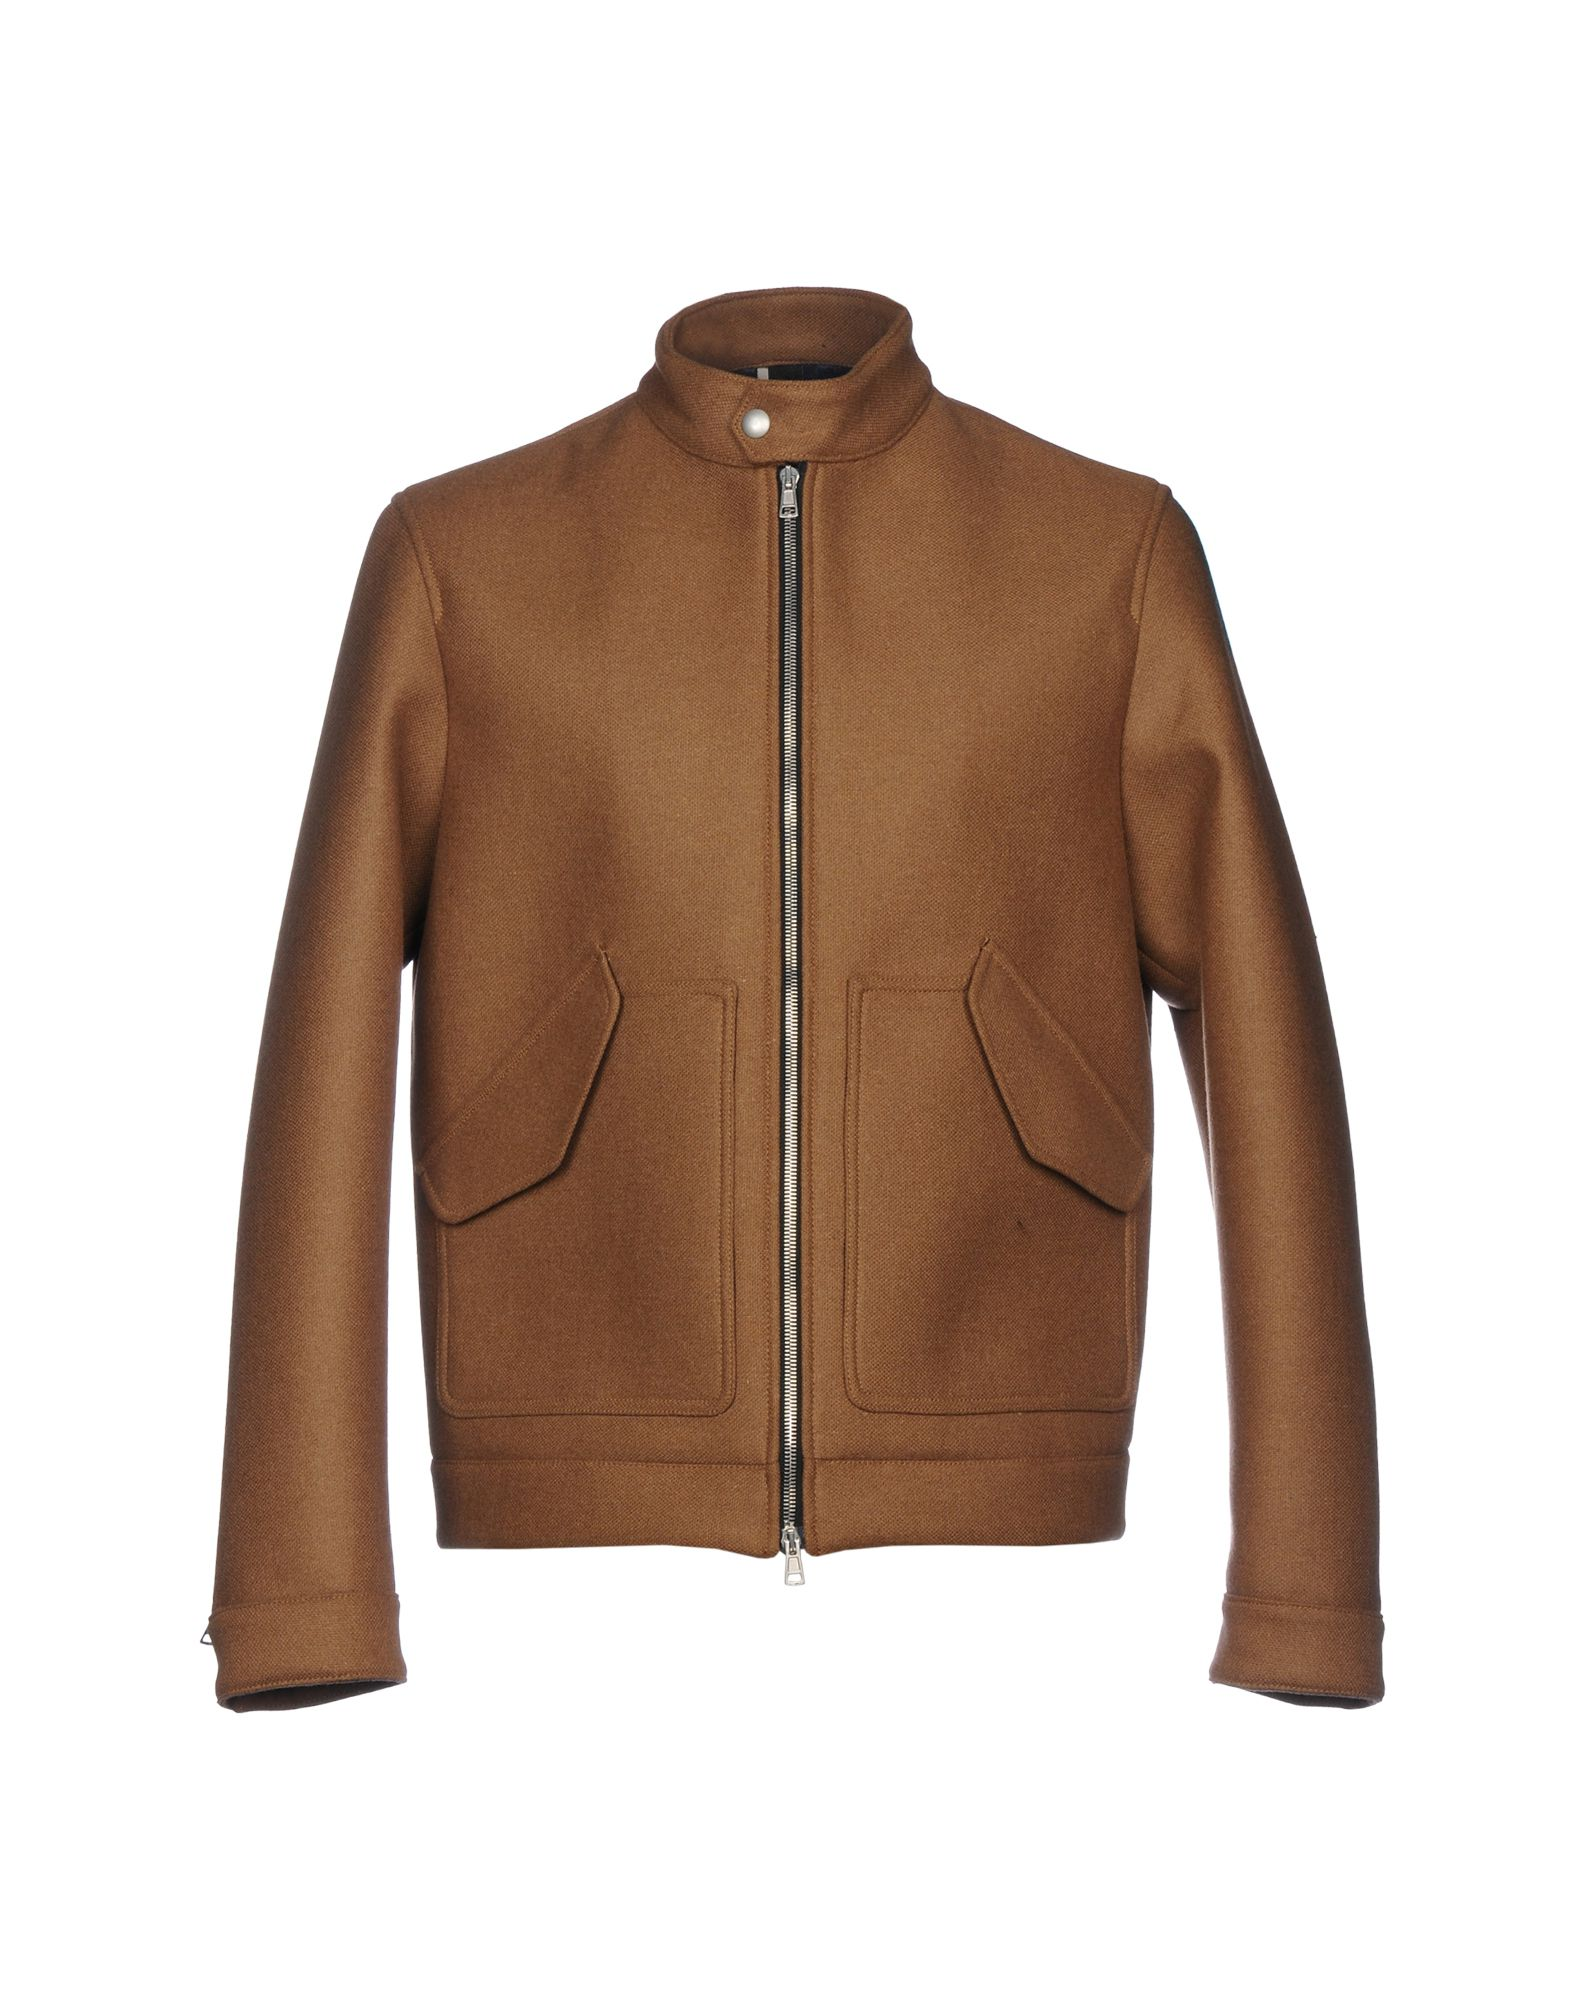 Фото - LOW BRAND Куртка куртка its own brand 502